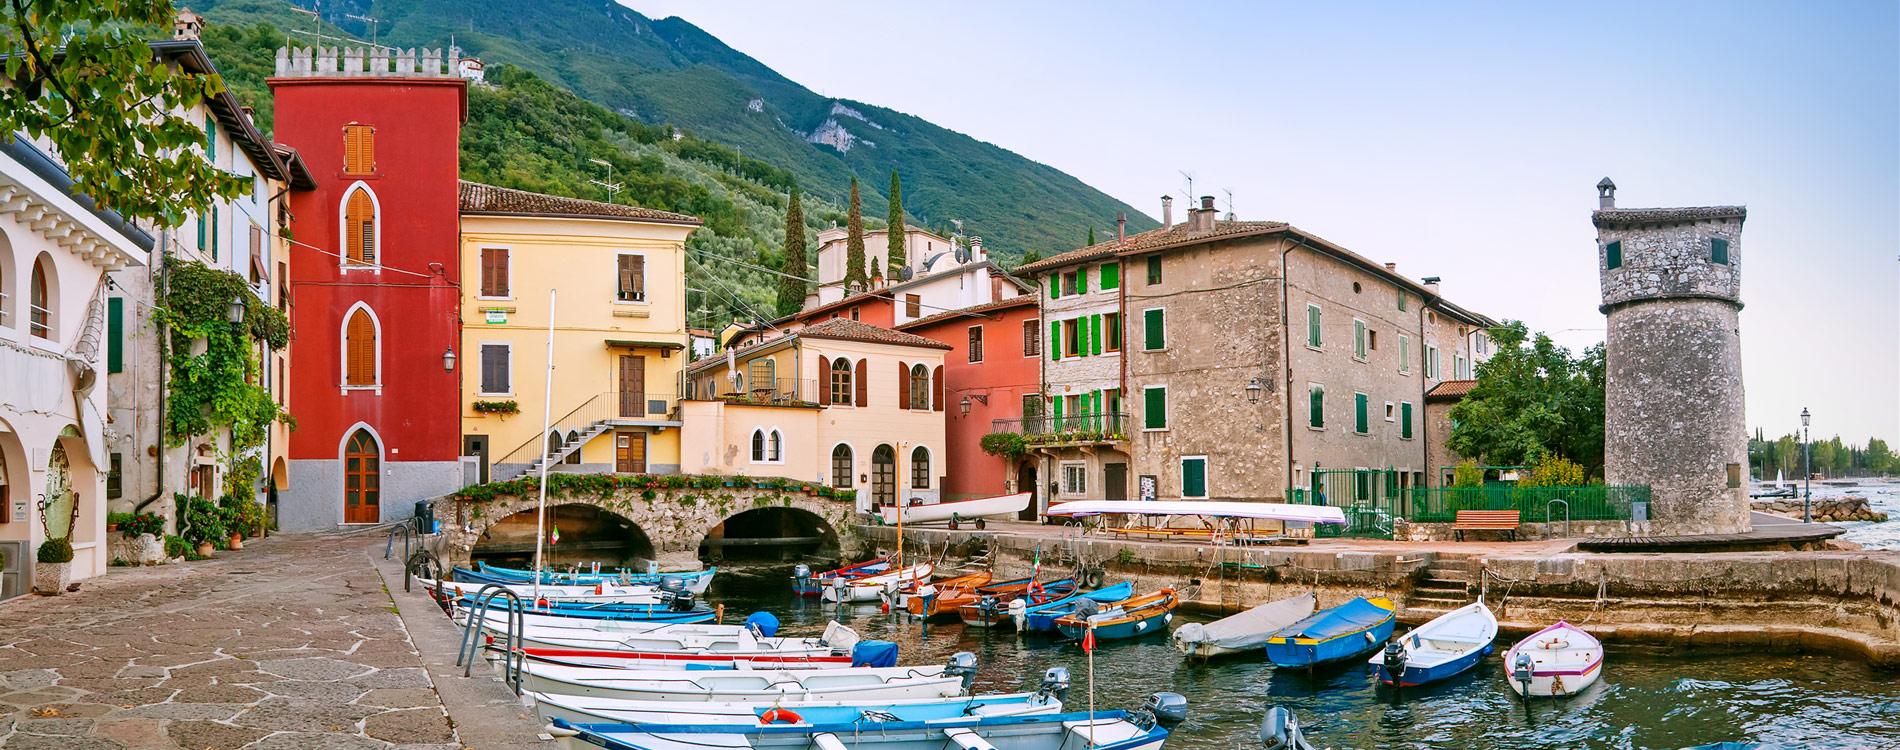 Villa Frazione Lago Di Garda